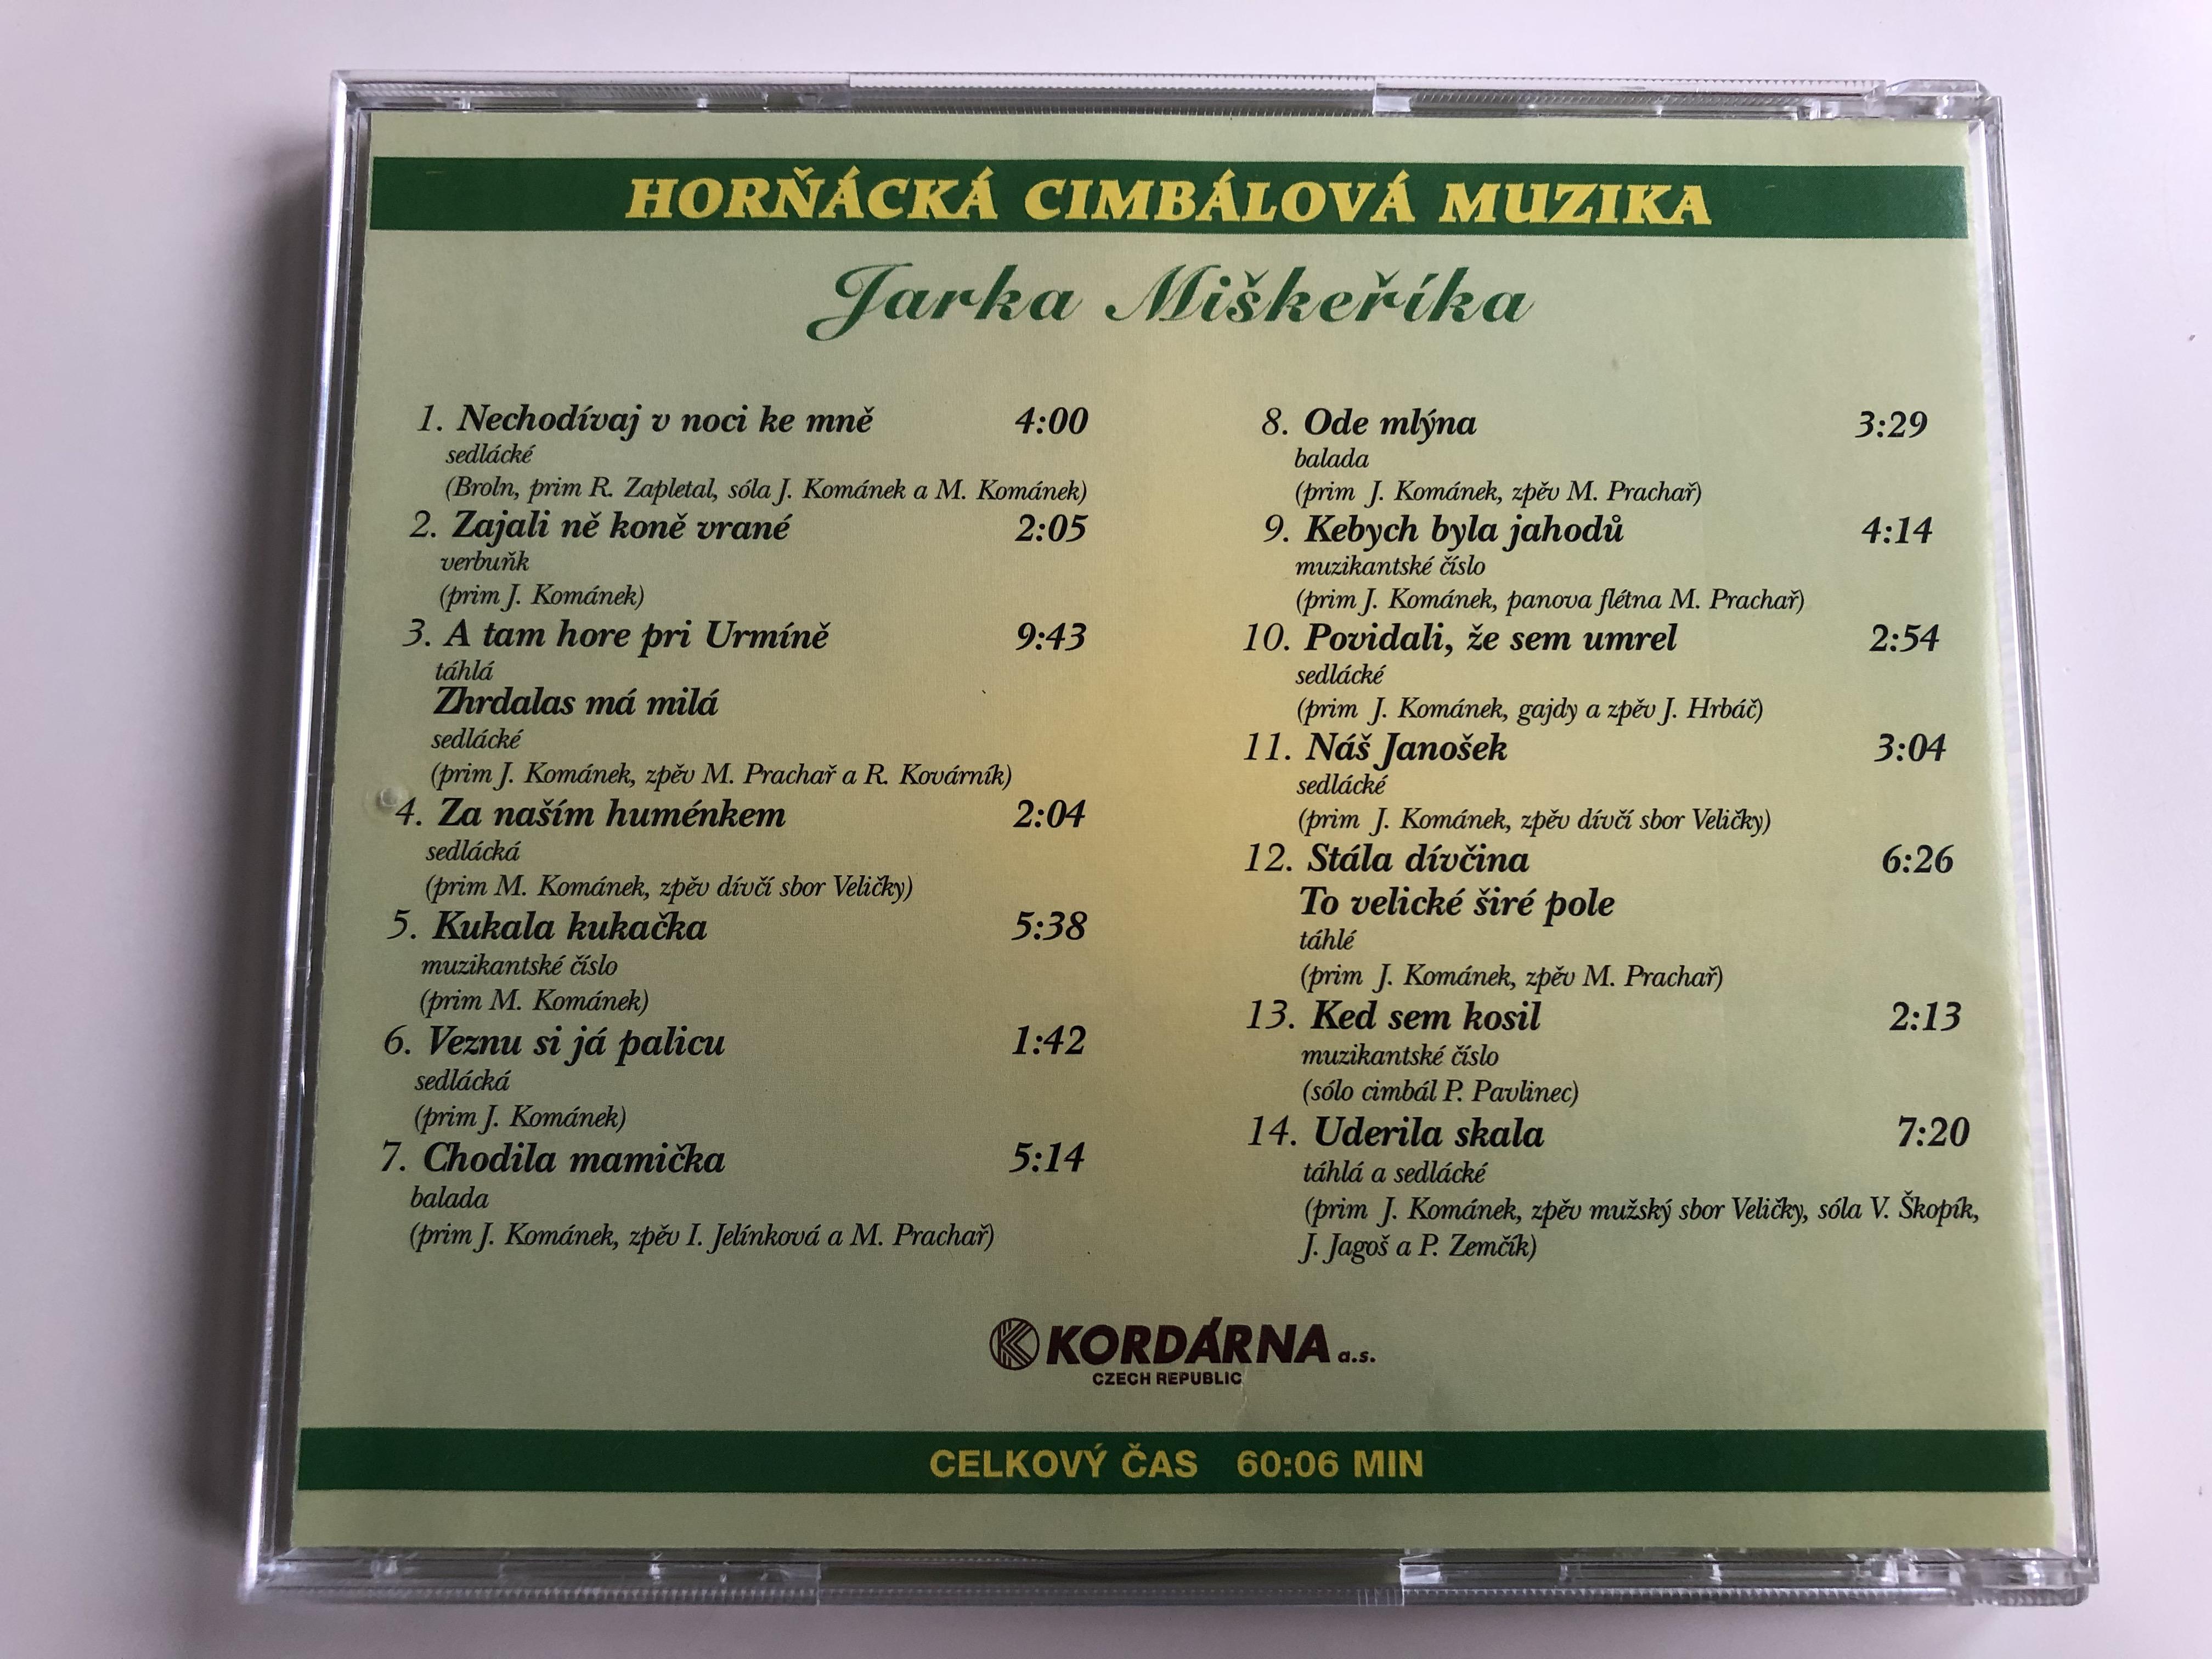 hornacka-cimbalova-muzika-jarka-mi-kerika-kordarna-audio-cd-6-.jpg